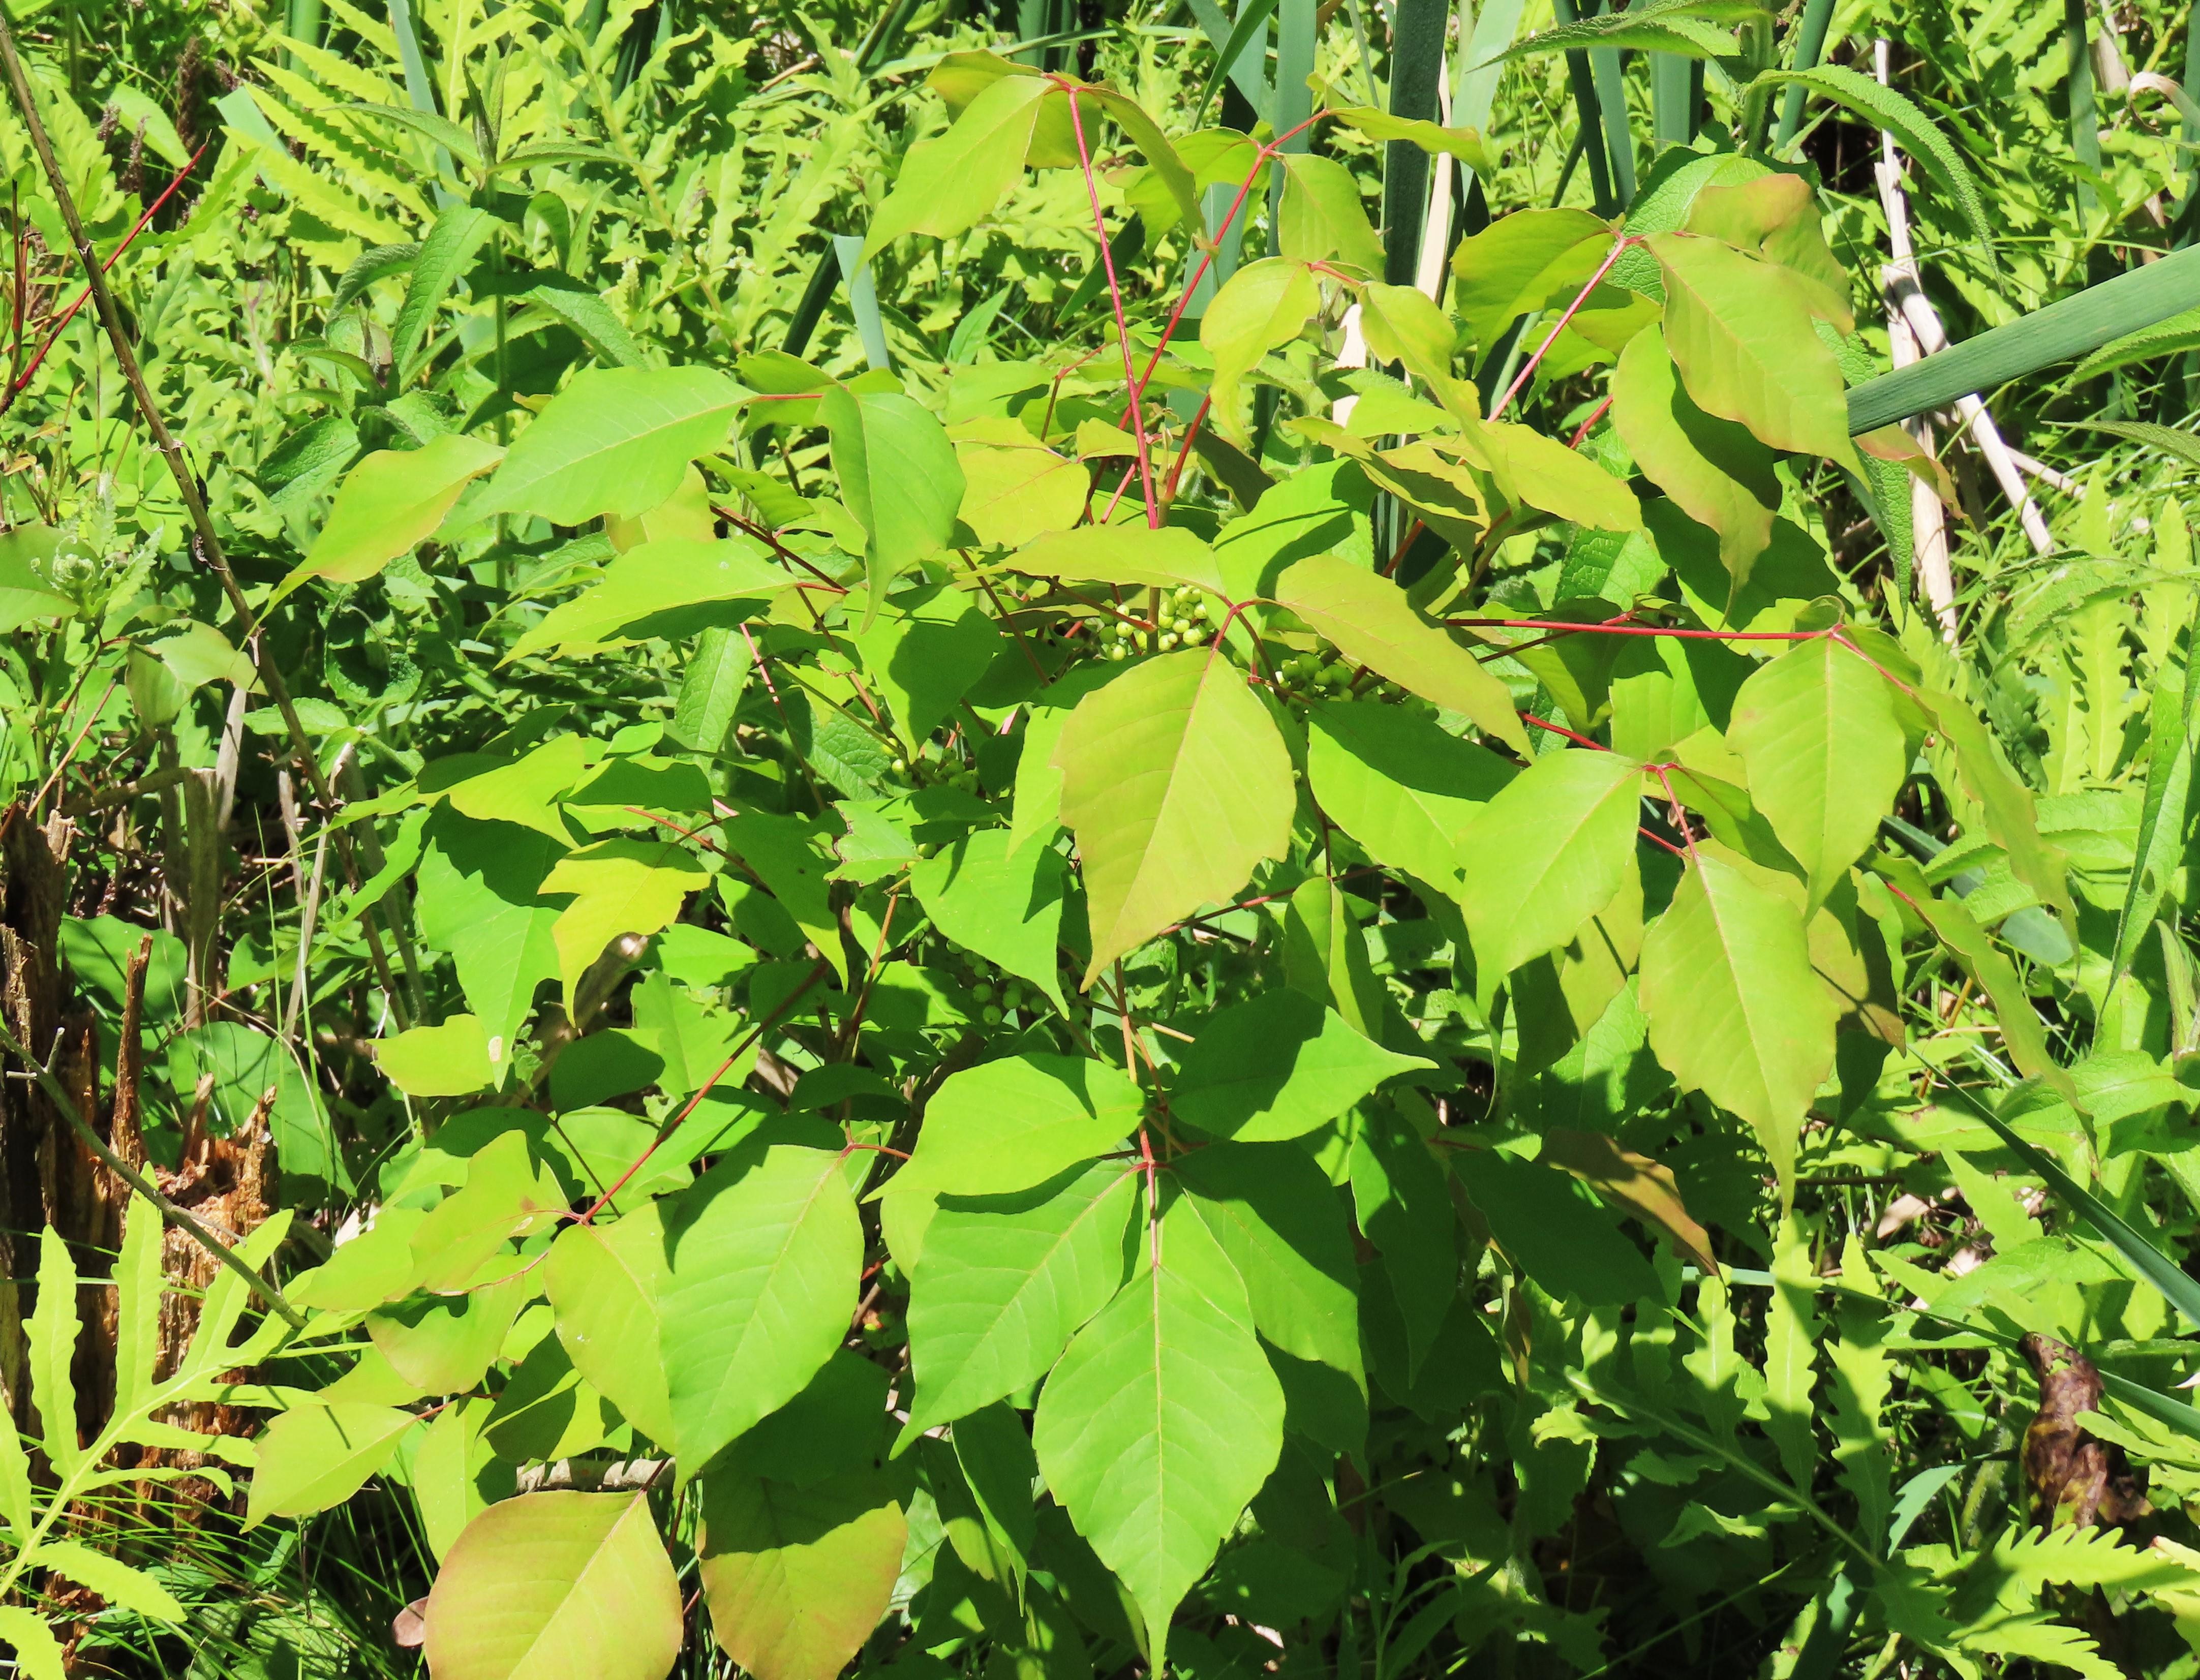 A poison ivy shrub